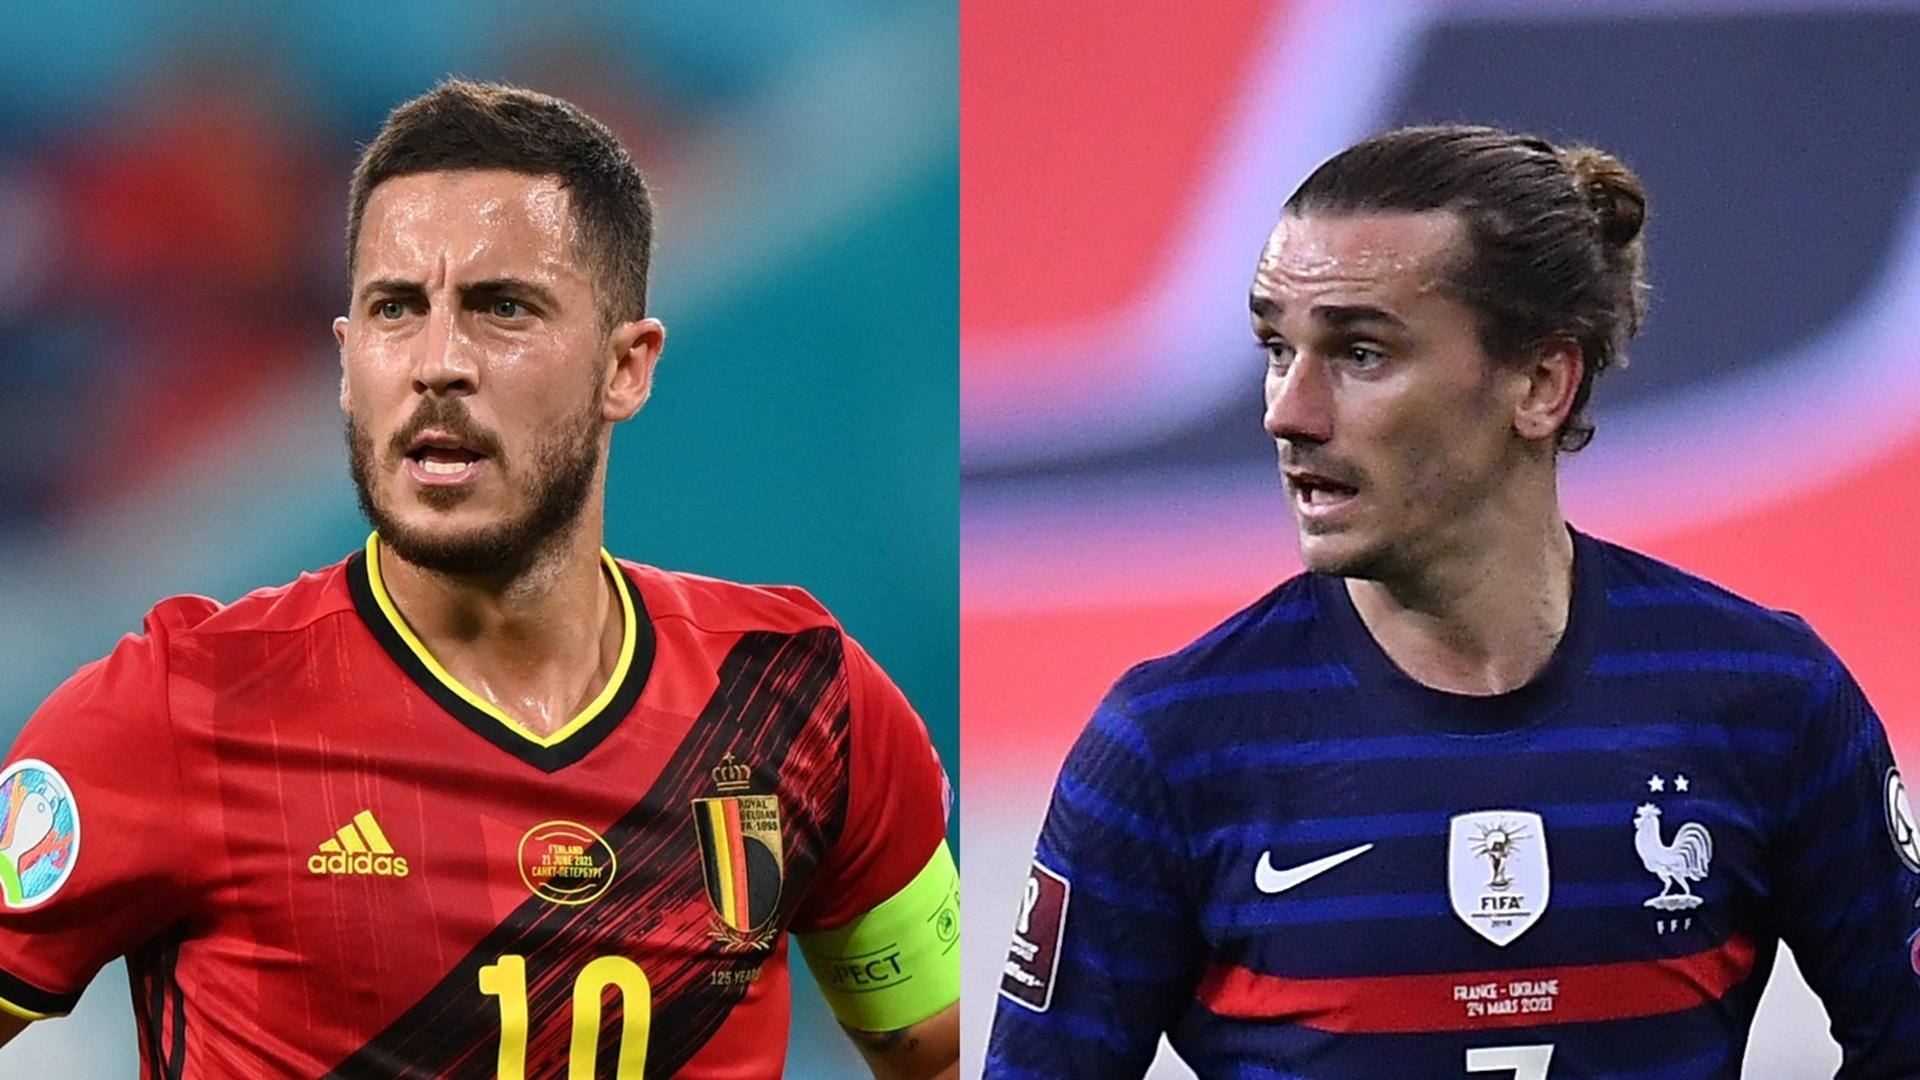 قنوات مجانية تنقل مباراة بلجيكا وفرنسا في نصف نهائي دوري الأمم الأوروبية